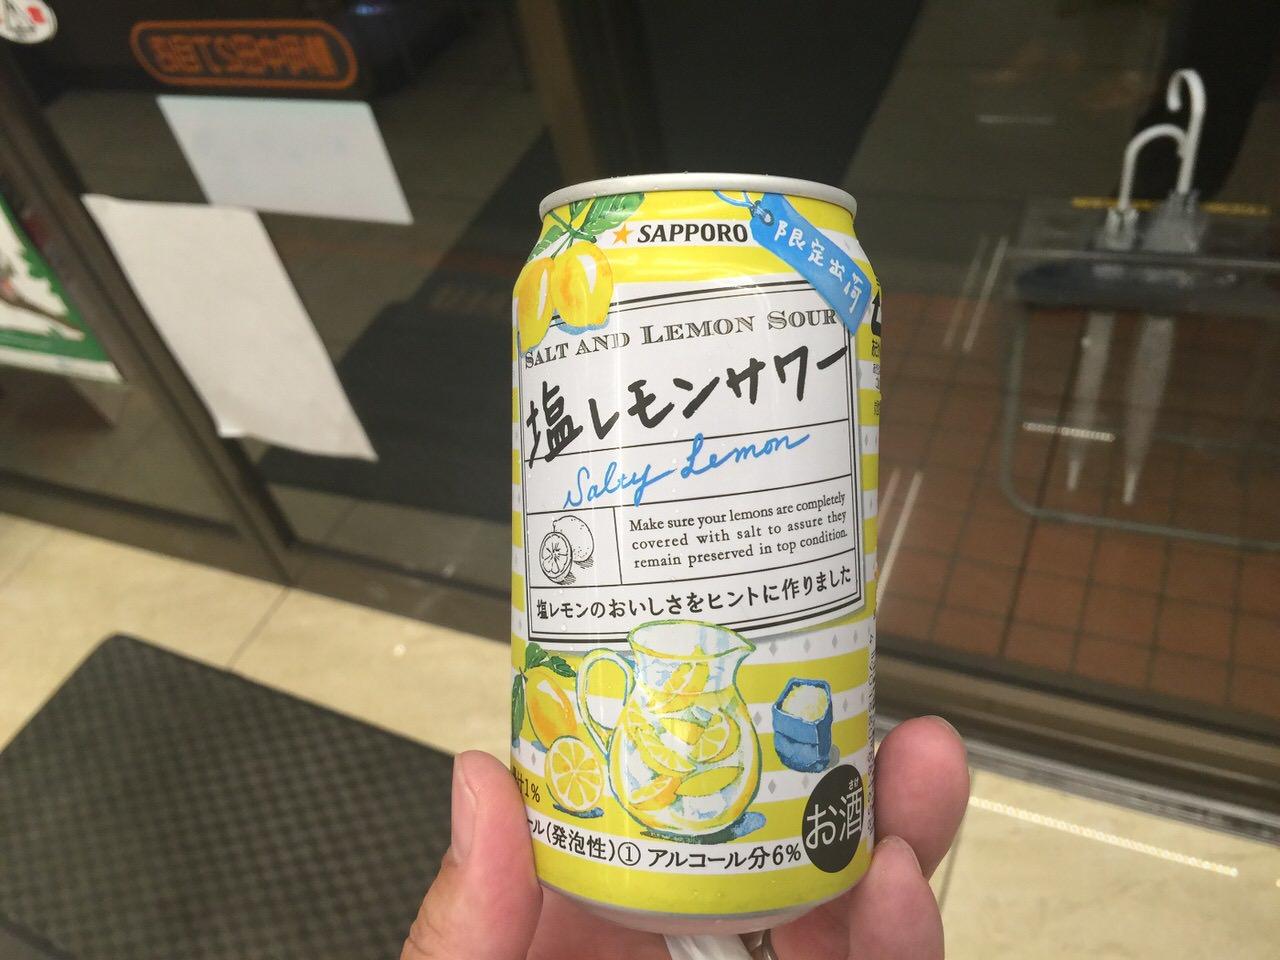 サッポロ「塩レモンサワー」塩レモンが缶チューハイになっちゃって美味い